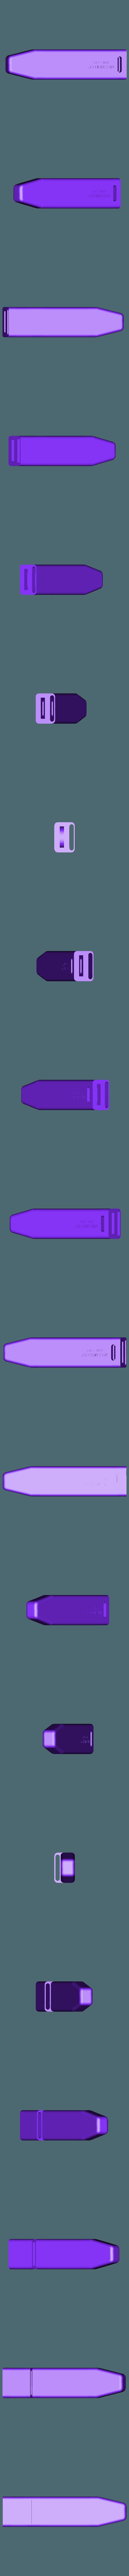 Sheath.stl Télécharger fichier STL gratuit OKC MK3 Couteau Marine • Plan imprimable en 3D, Piggie